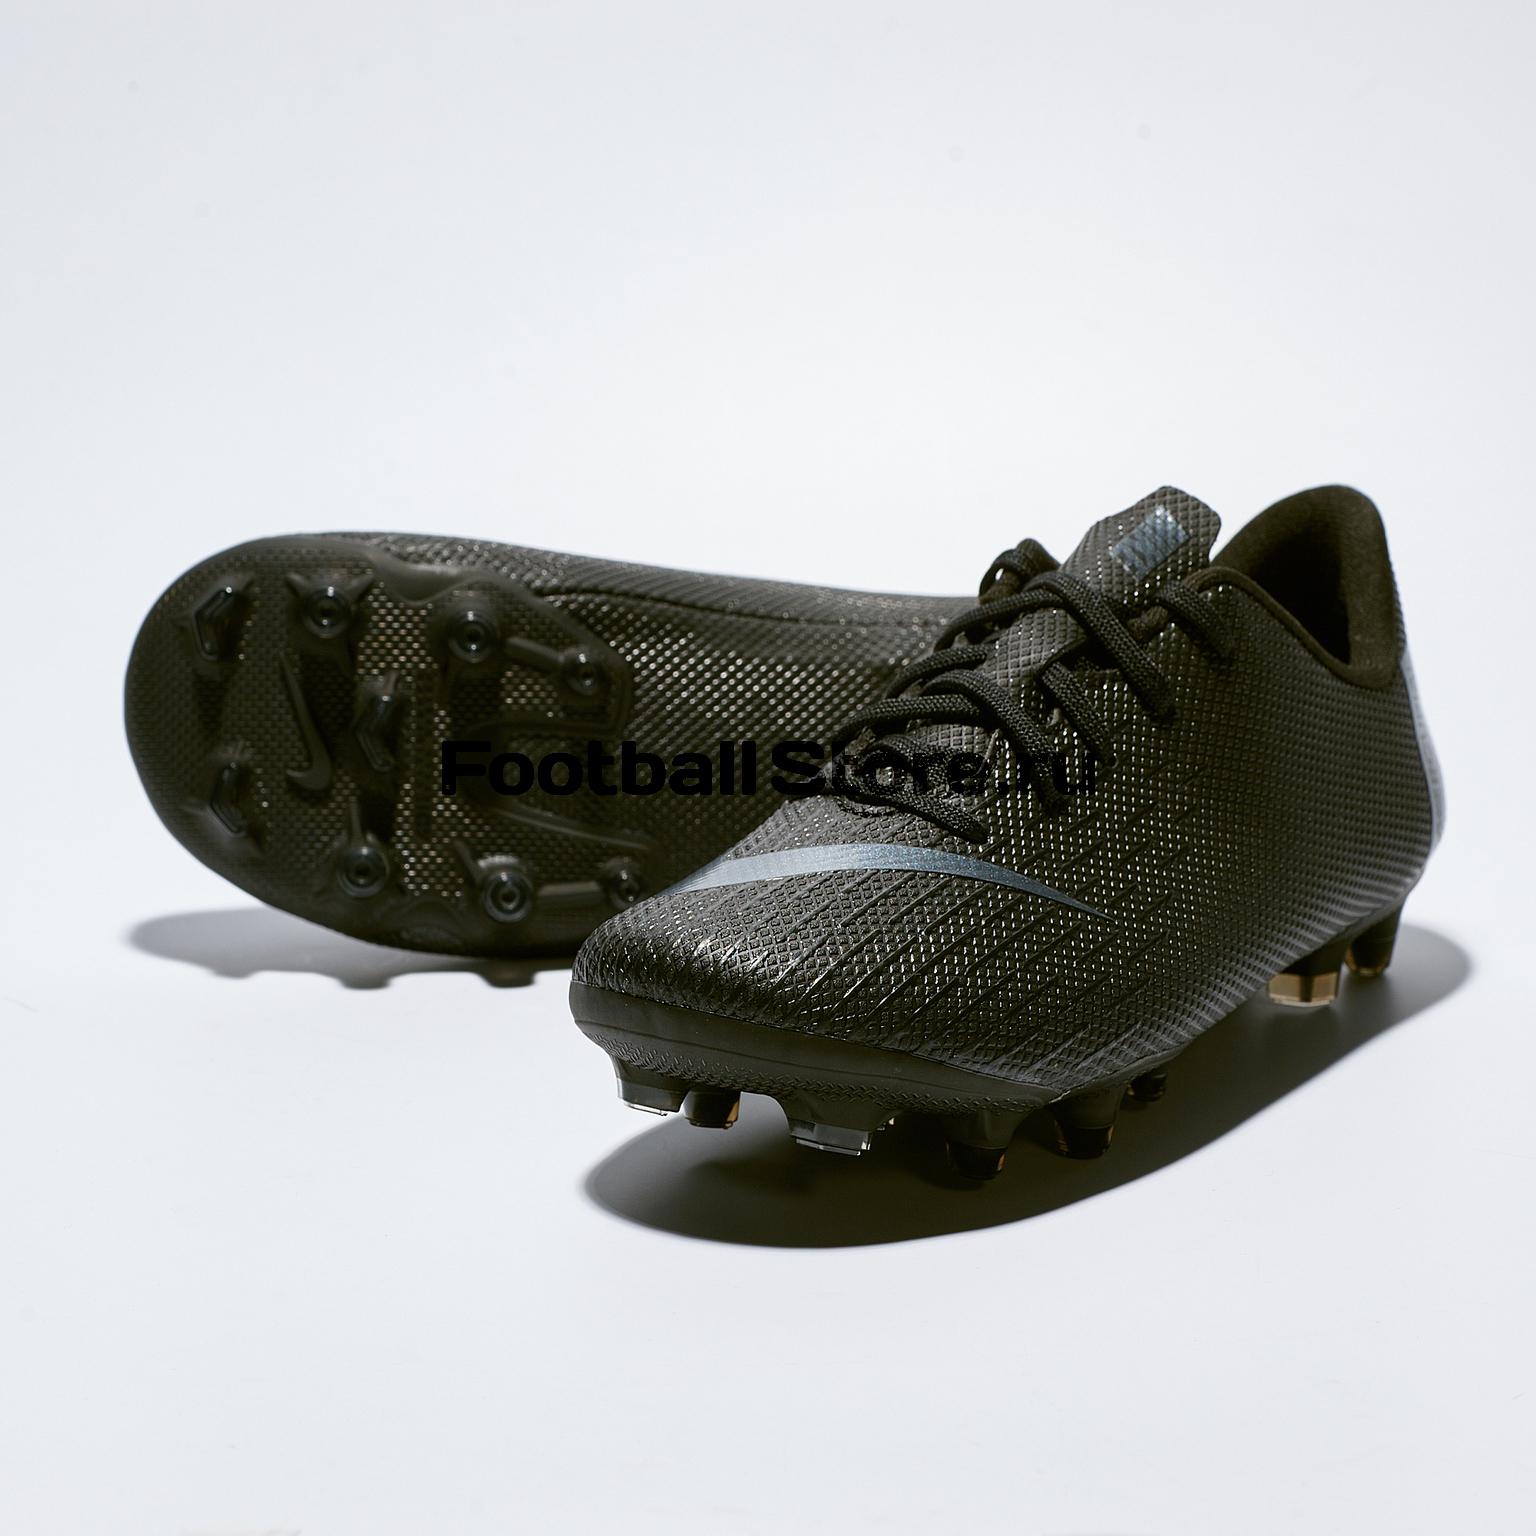 Бутсы детские Nike Vapor 12 Academy PS FG/MG AH7349-001 бутсы детские nike phantom vision academy df sg aq9298 400